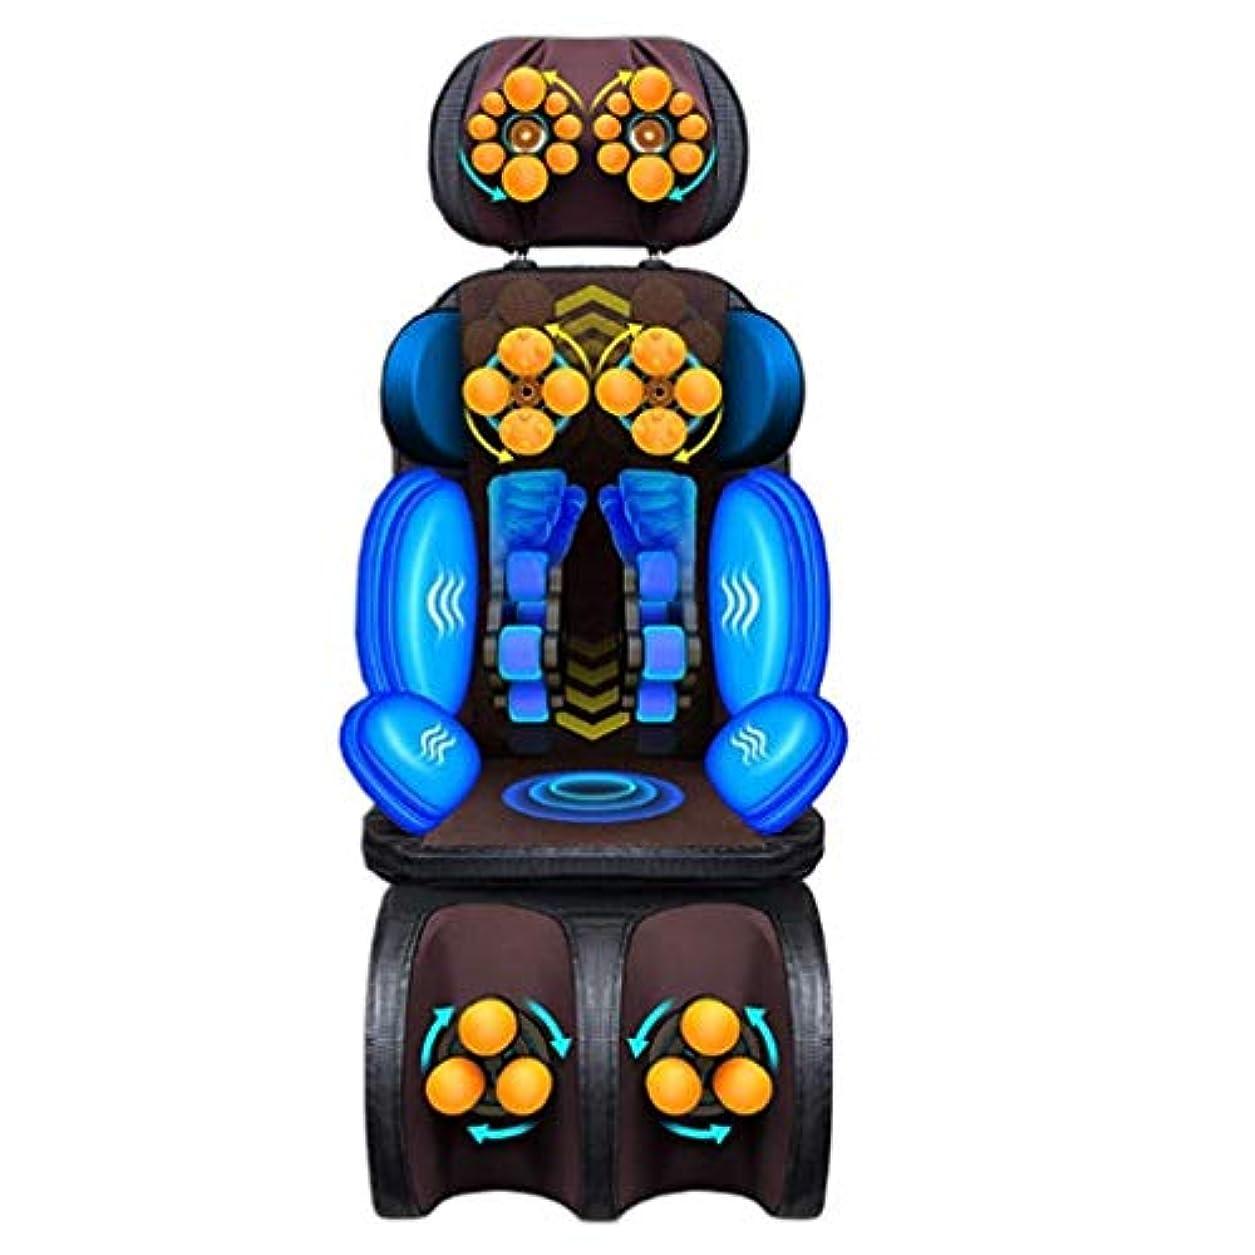 振り向くグラムスタンドマッサージクッション、電動全身マッサージクッションチェア、多機能振動マッサージャー、首の後ろ足と足のマッサージ、ホームオフィスの運転に適しています